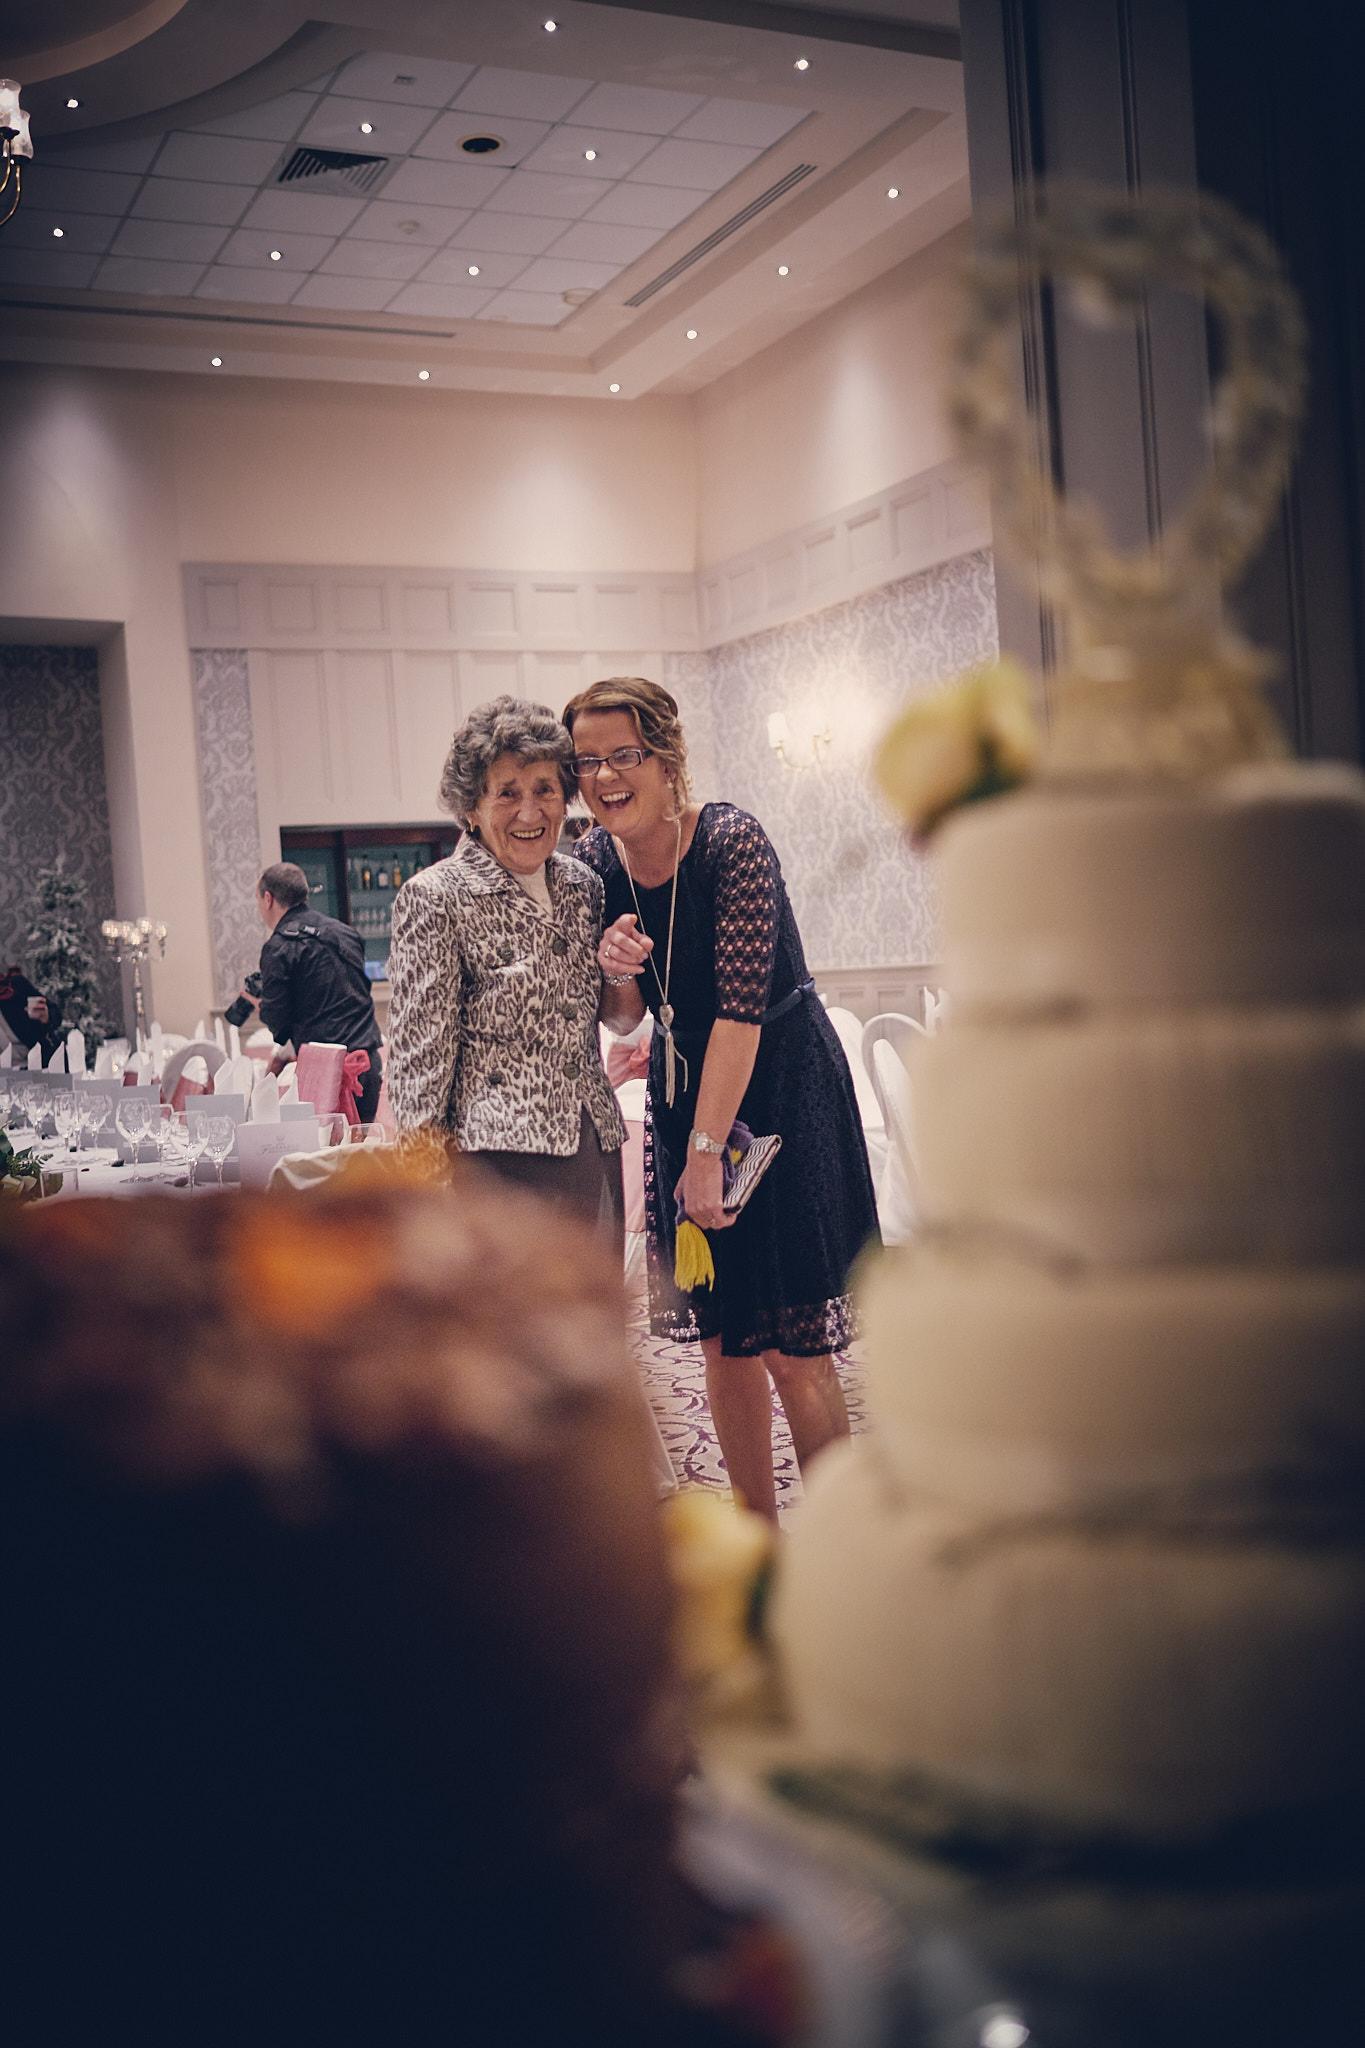 bruidsfotografie-bruifdsfotograaf-ierland-dublin-destination-trouwshoot_66.jpg